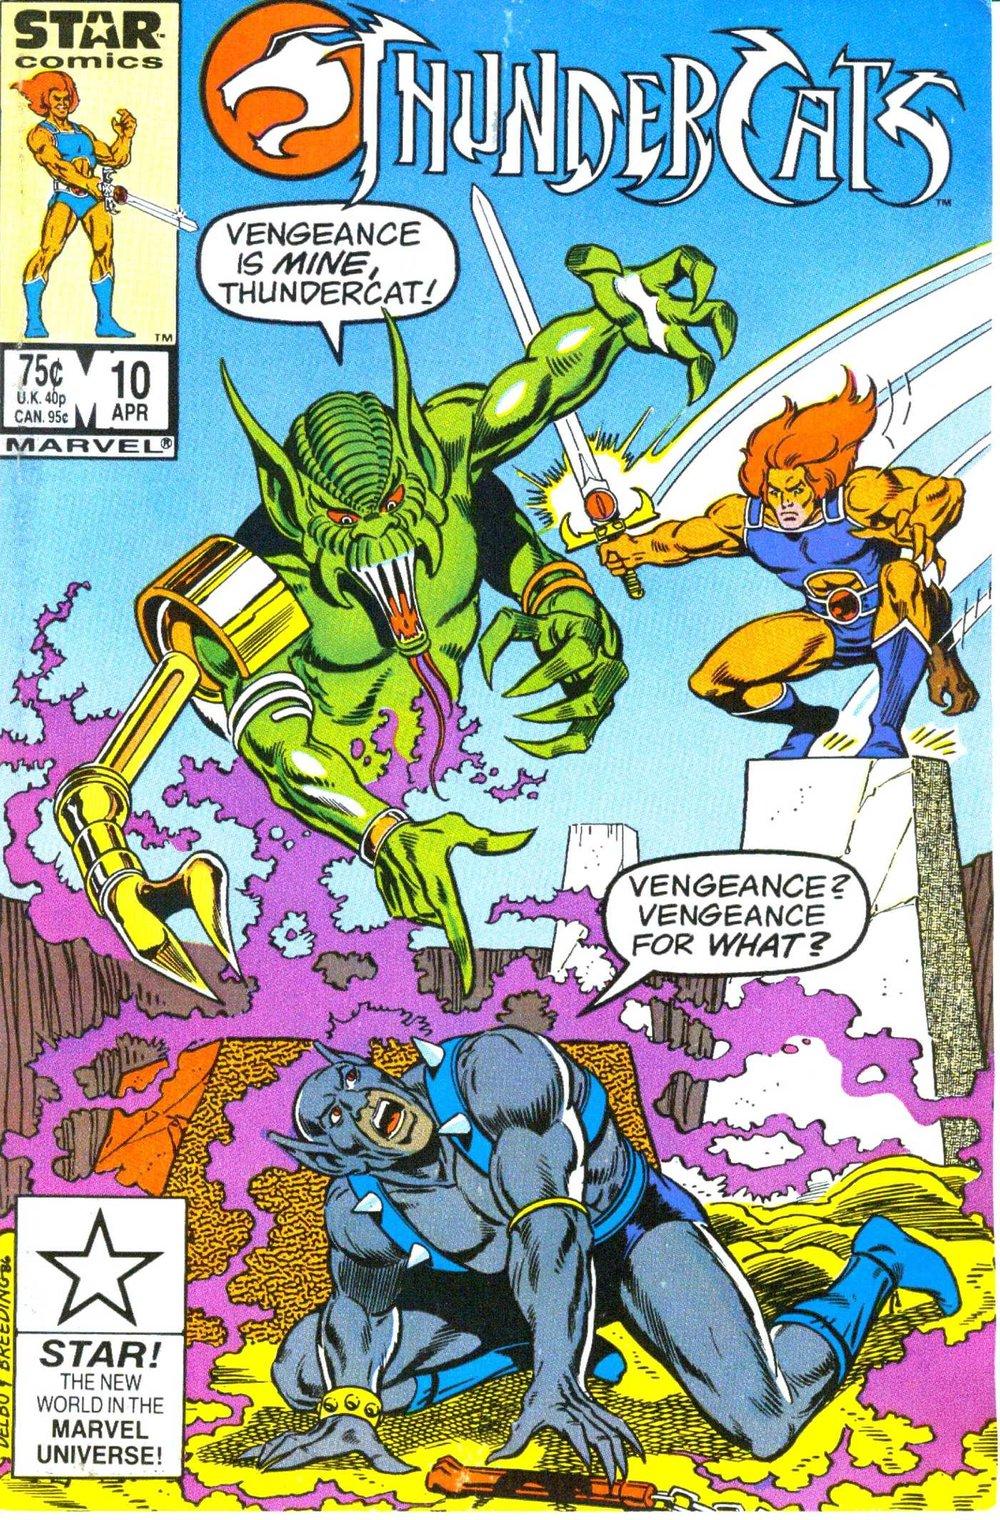 ThunderCats (1985) #10, cover penciled by Jose Delbo & inked by Brett Breeding.